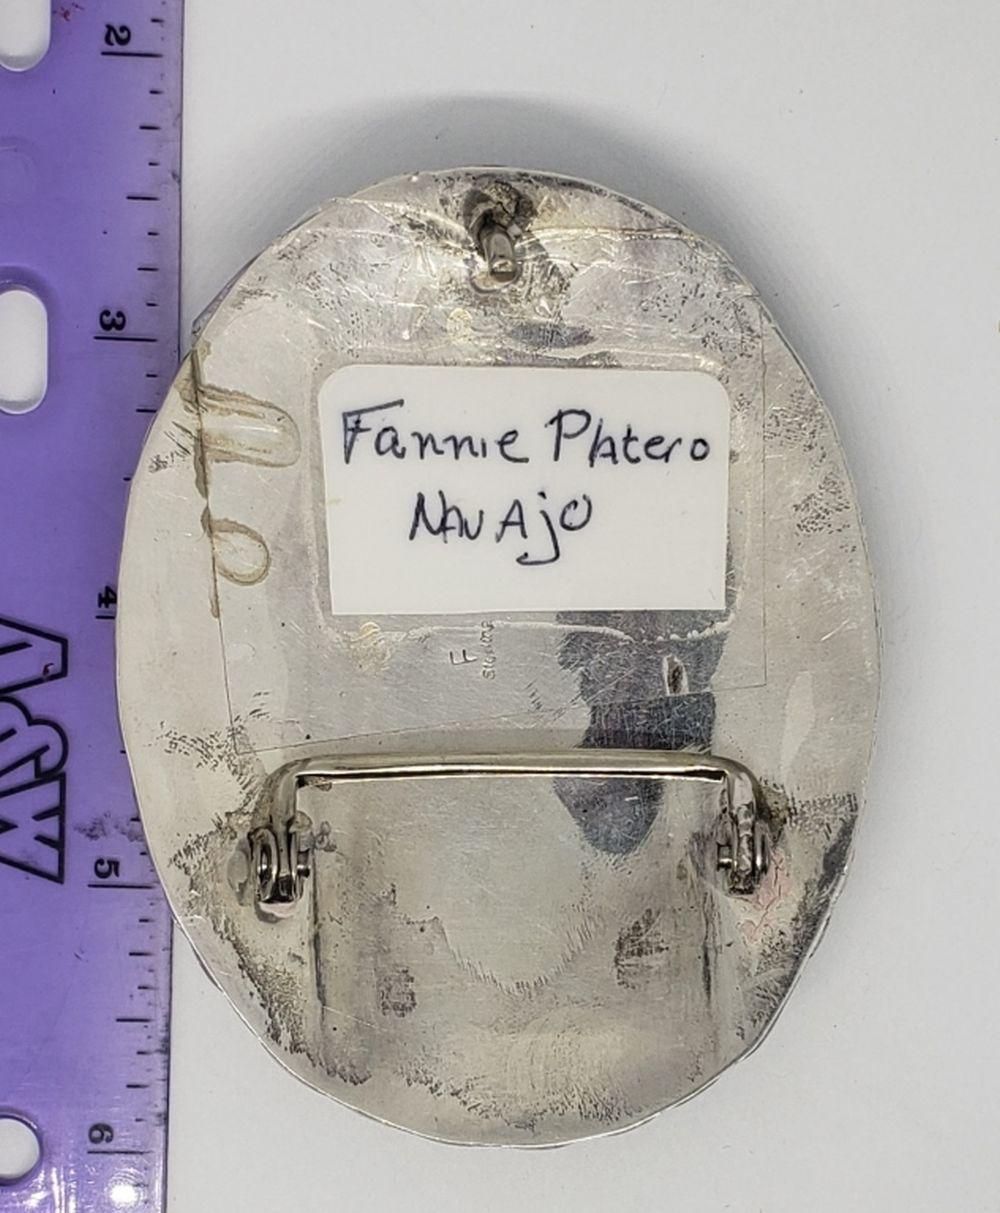 FANNIE PLATERO NAVAJO STERLING BELT BUCKEL